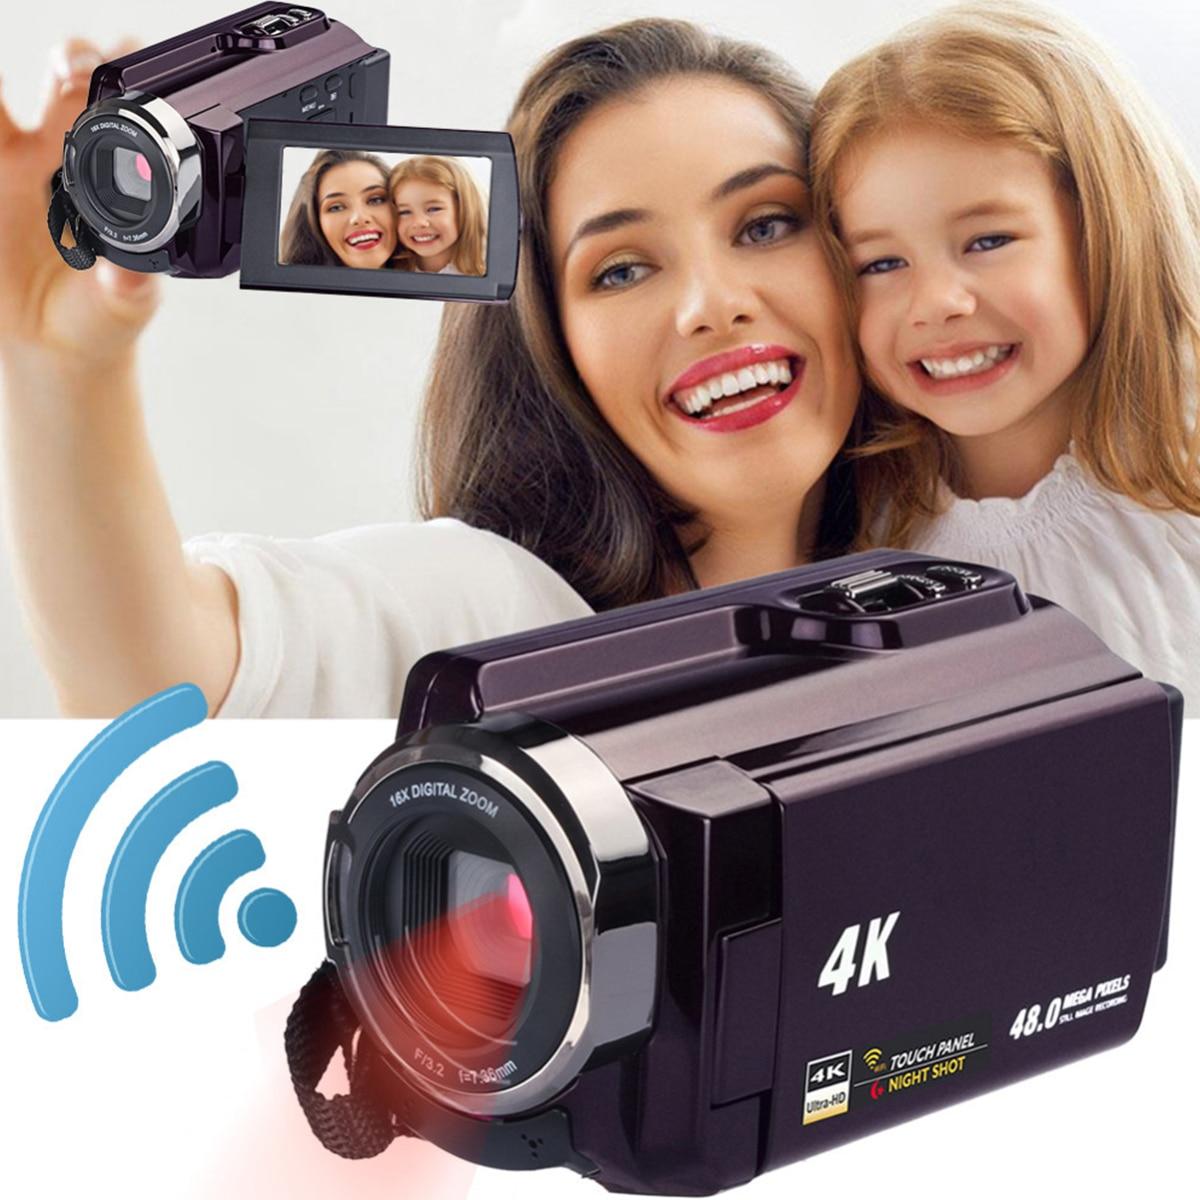 Caméscope 4 k HD caméra vidéo IR Nuit-Coup écran Tactile Soutien SD/TF WIFI caméra Web de surveillance fonctions de photographie JPEG